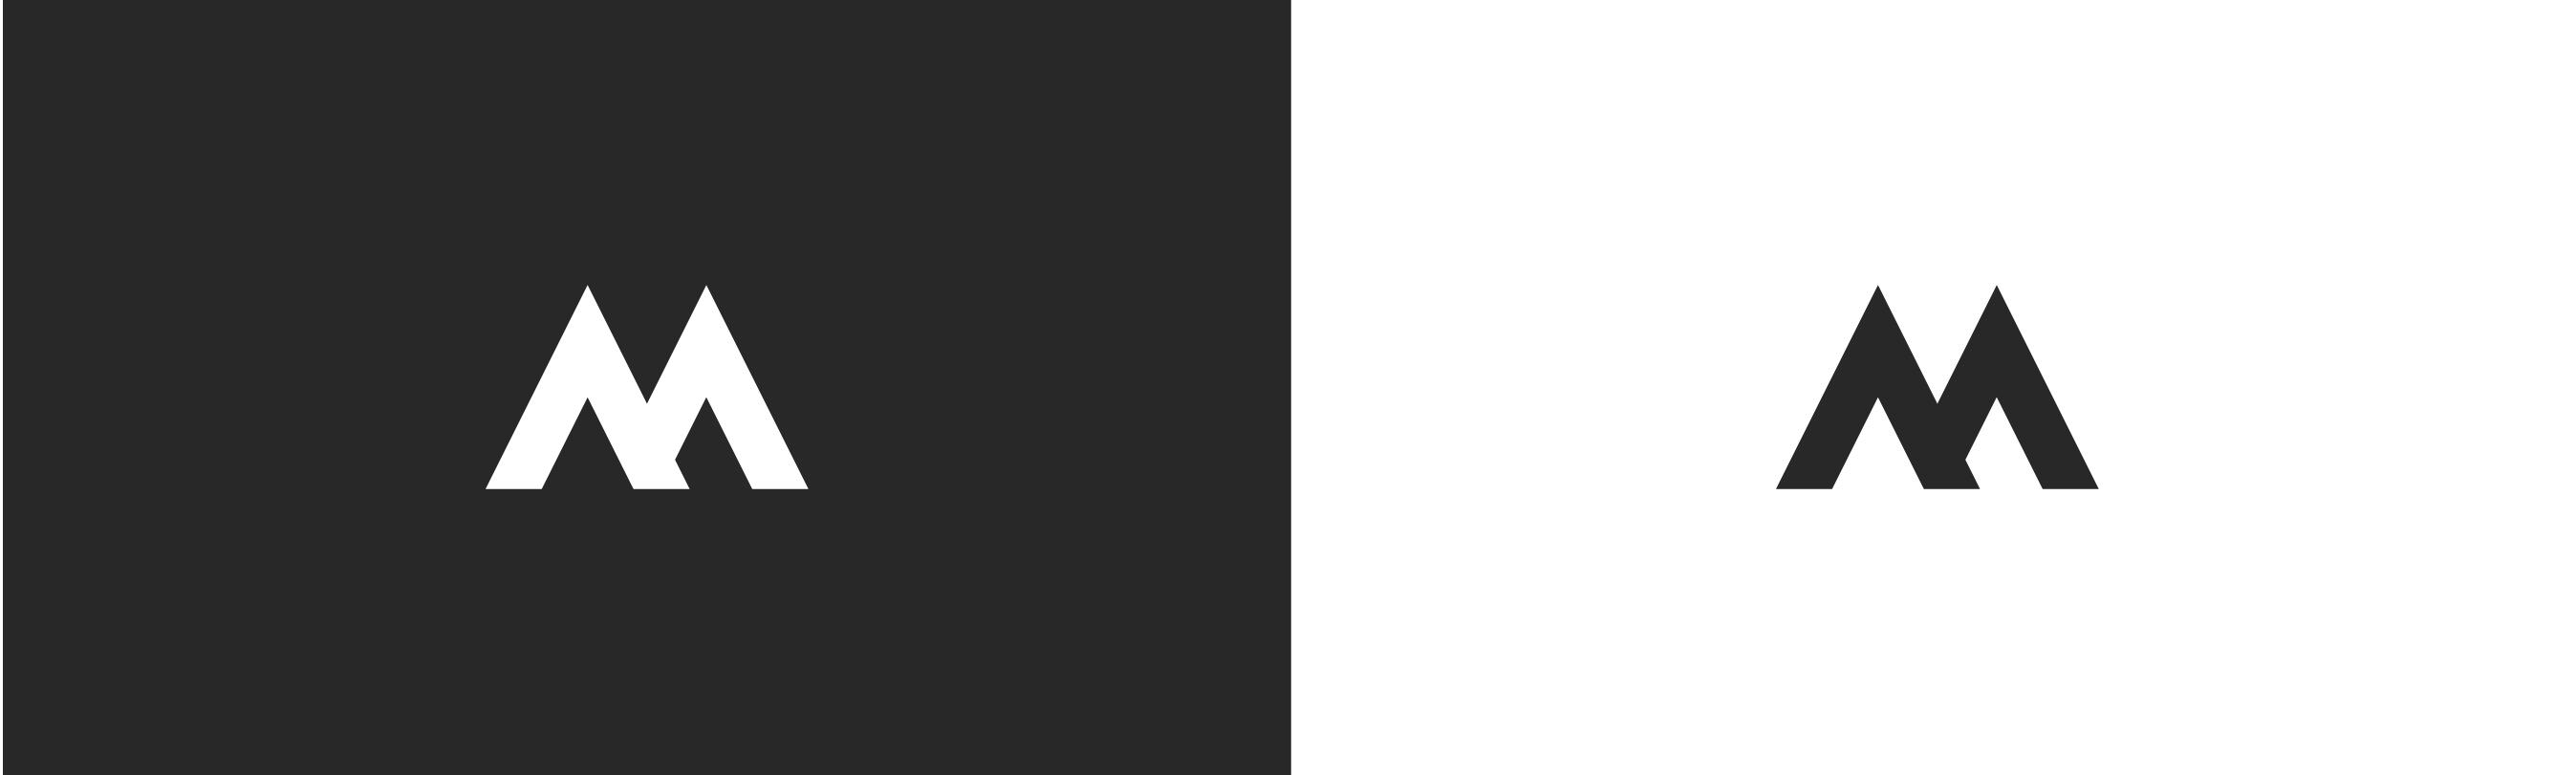 muuw_brand_package-18